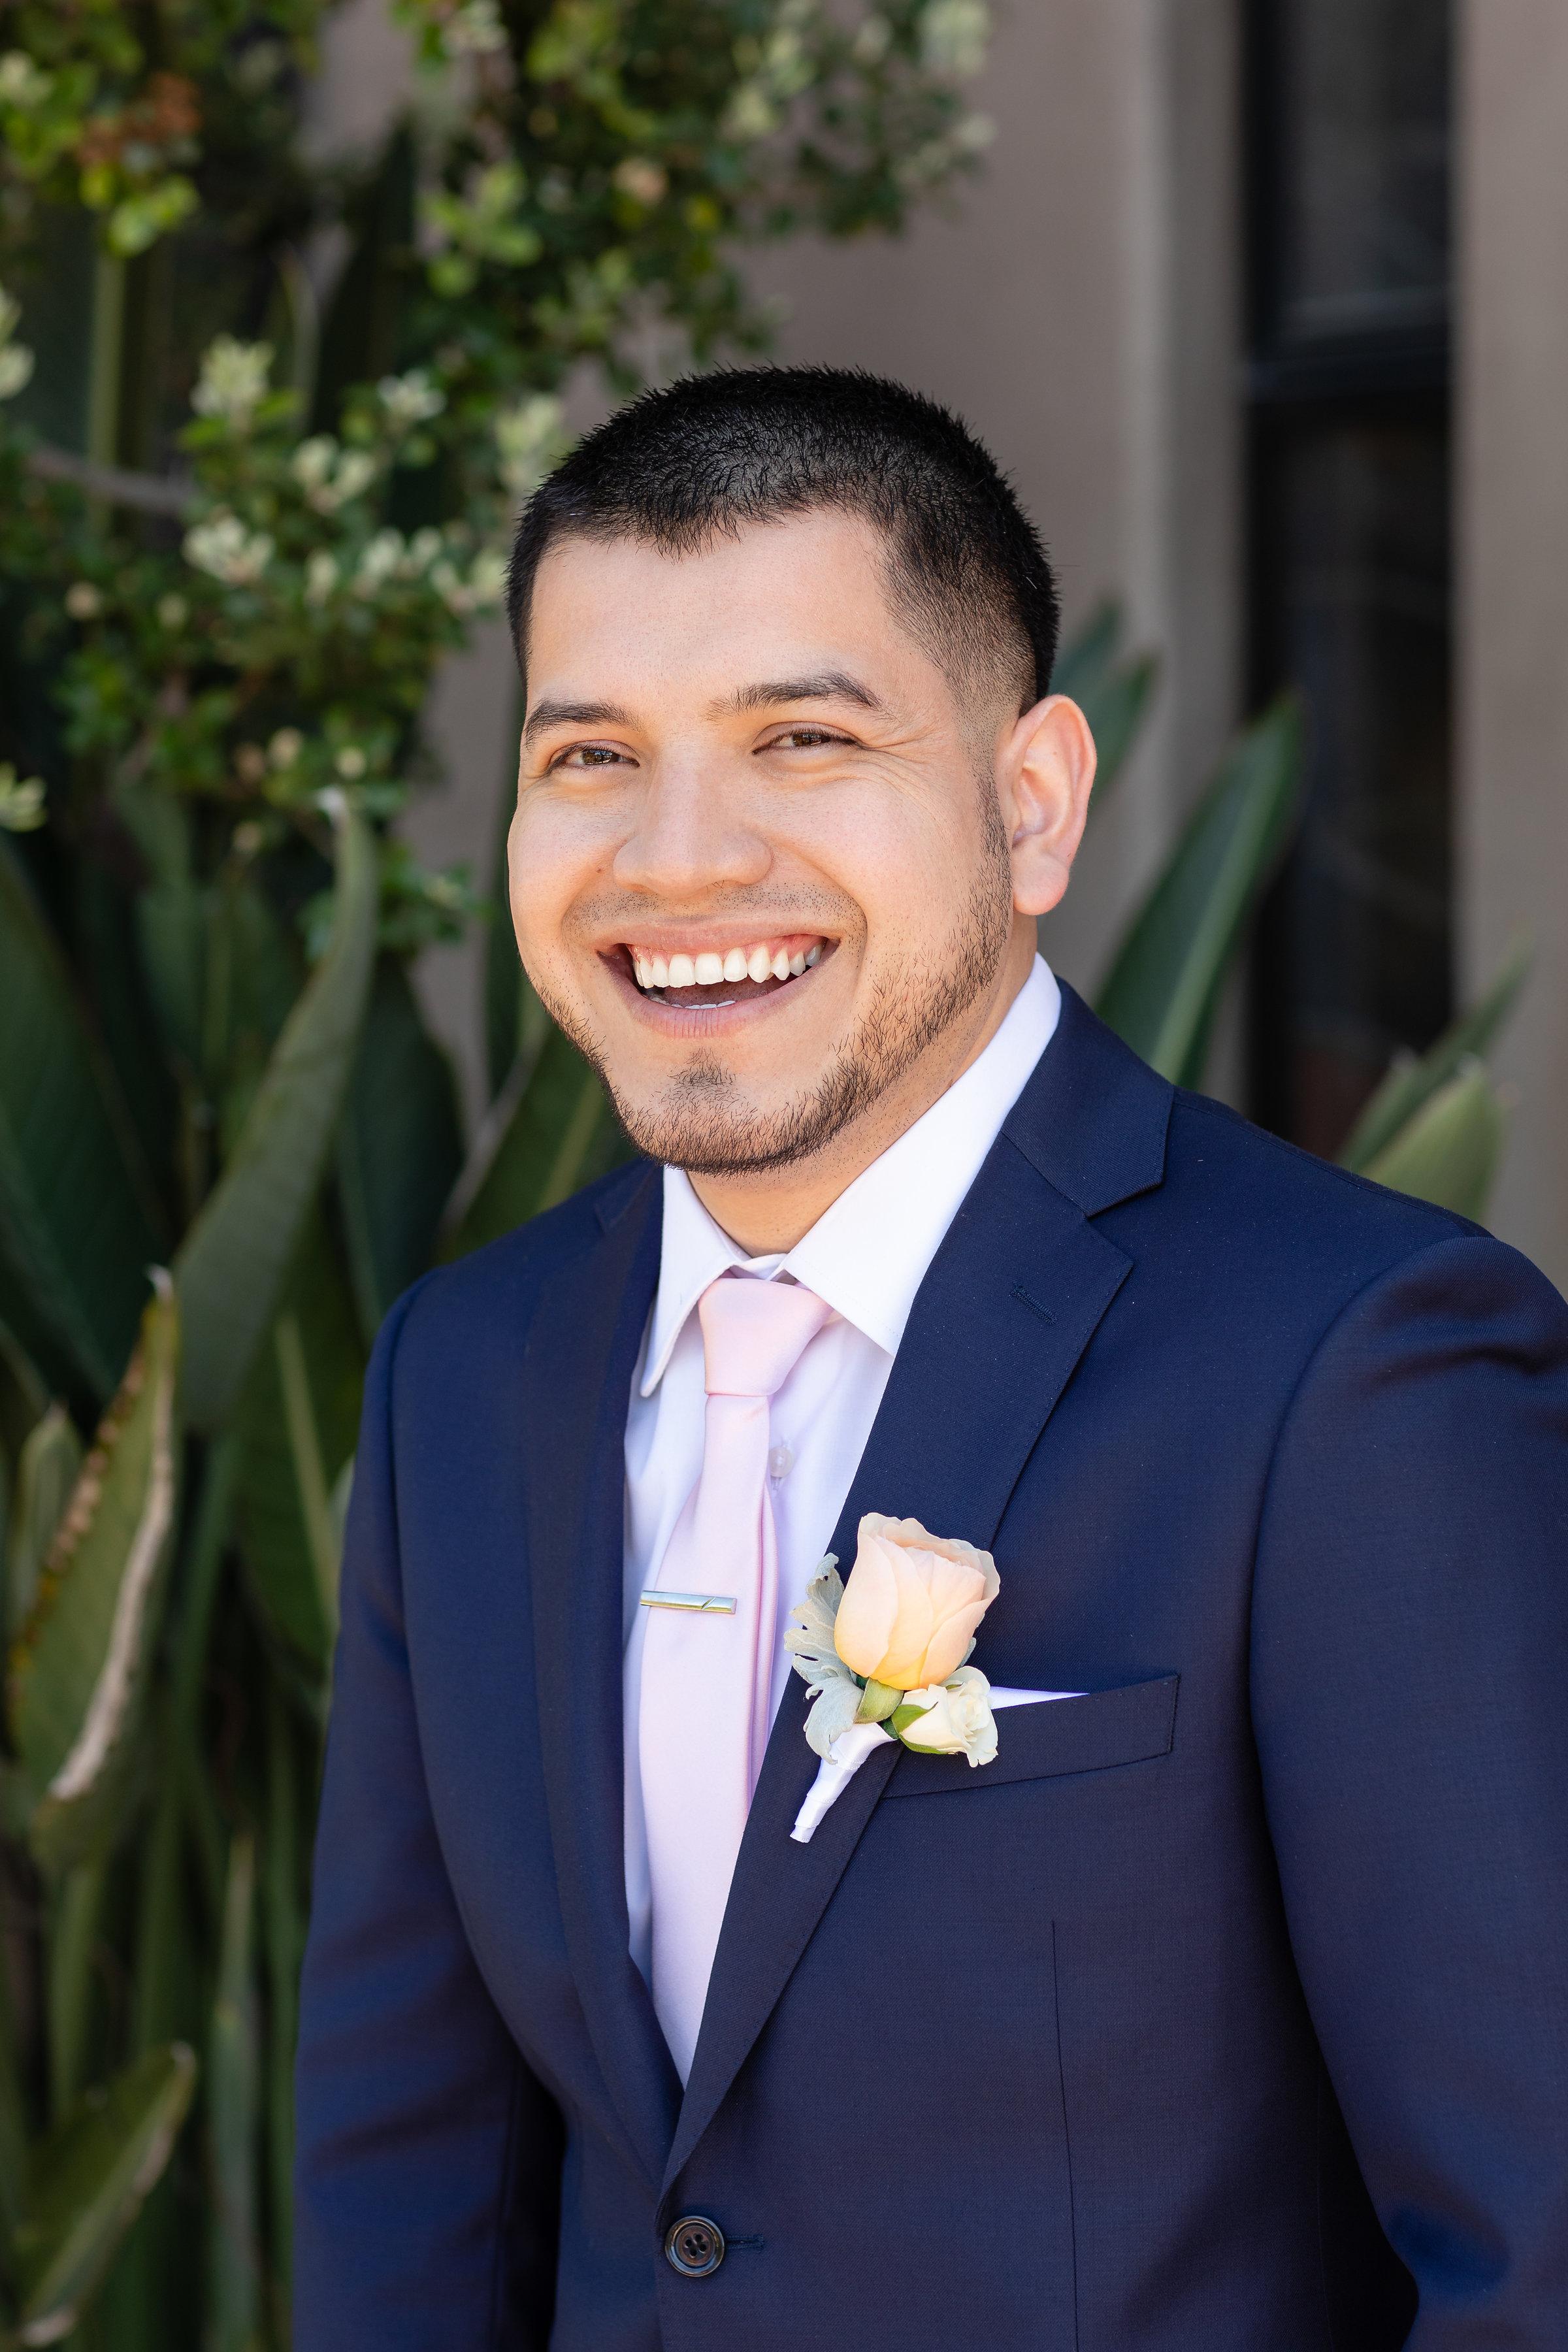 Smiling groom pic.jpg